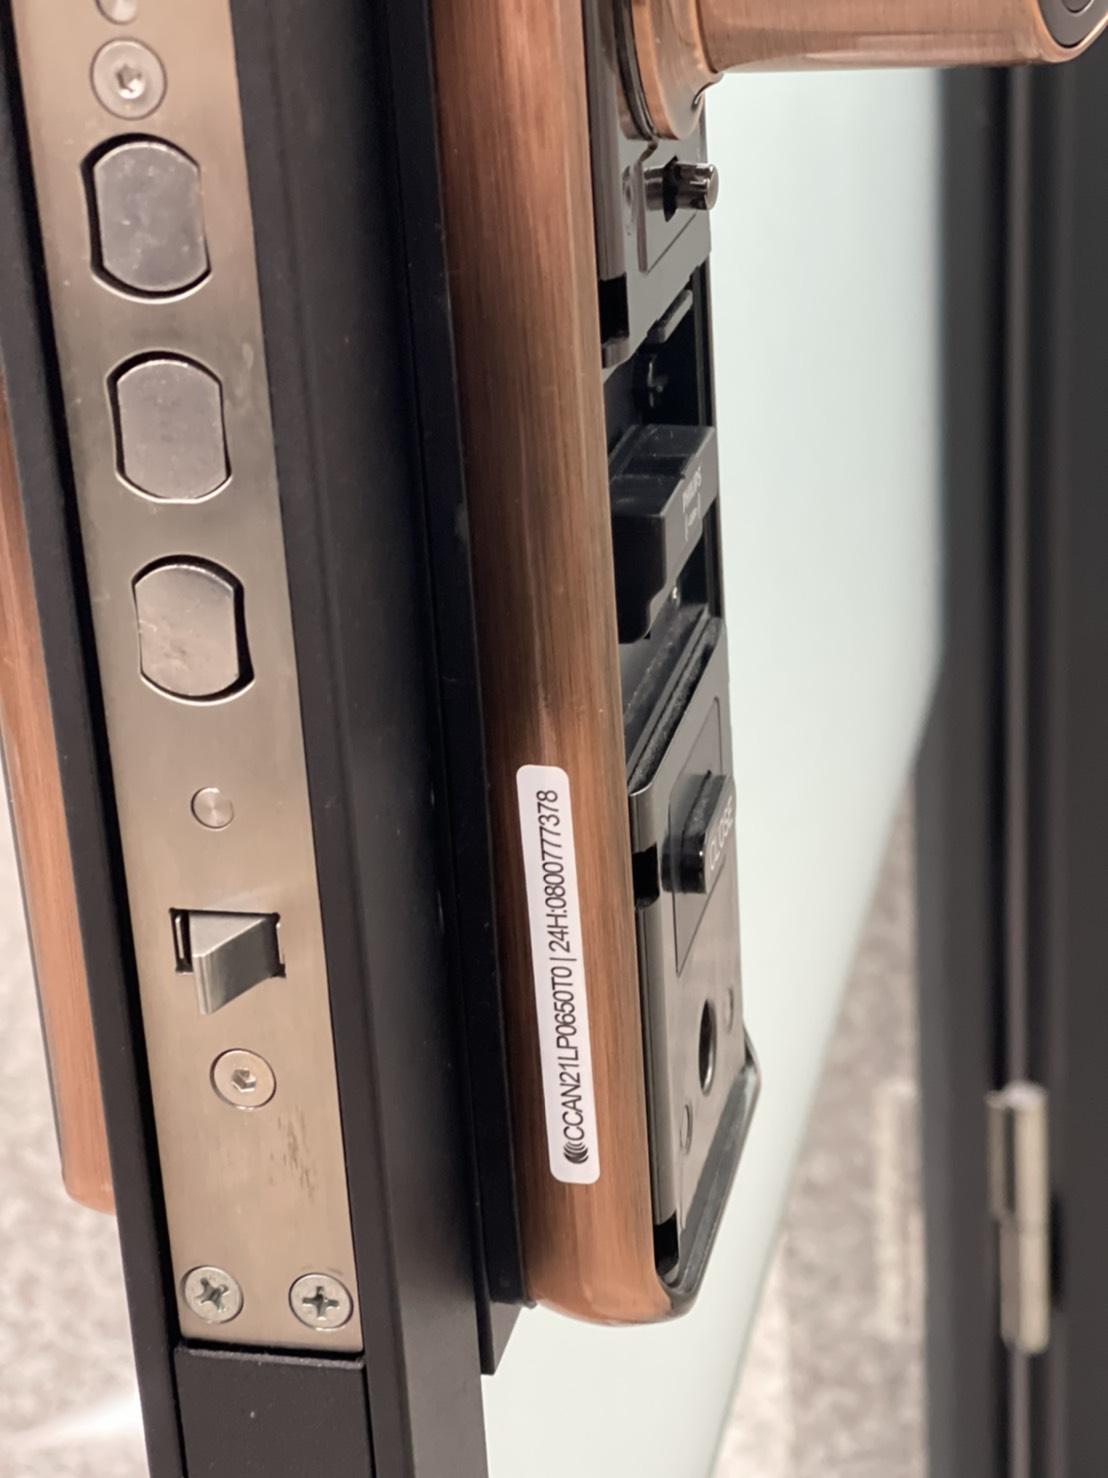 飛利浦電子鎖原廠防偽標誌